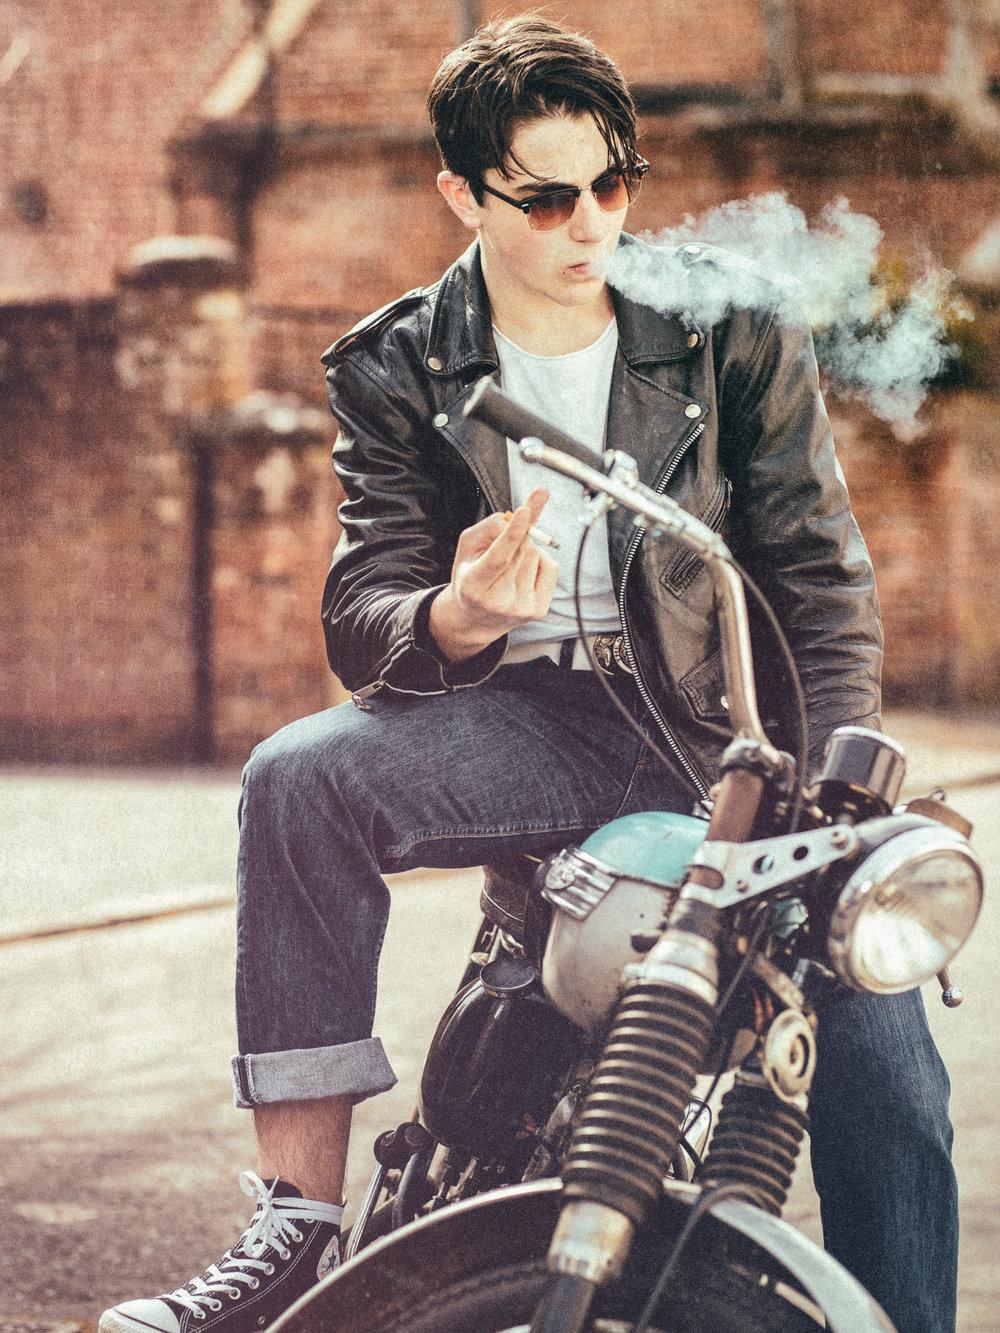 1950s Biker Portrait Smoke Break